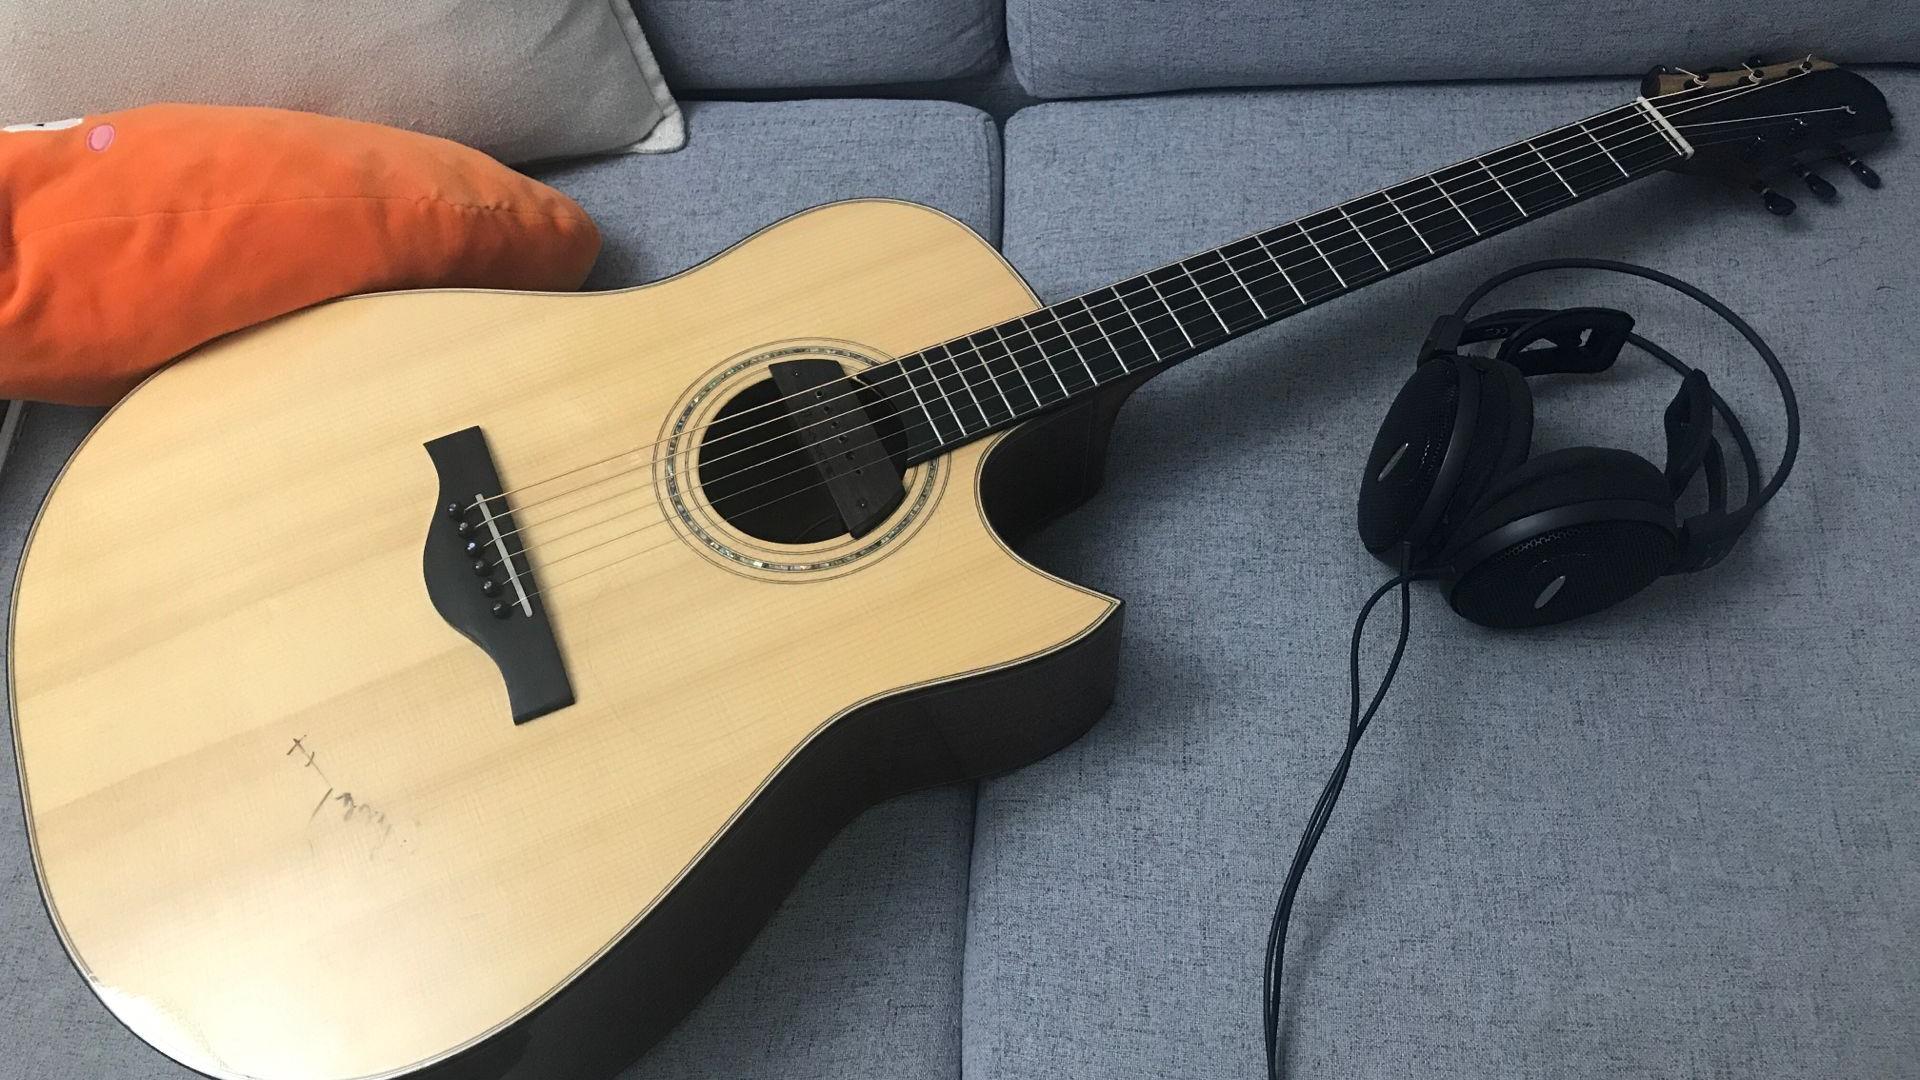 【指弹吉他】《雪落下的声音》翻弹